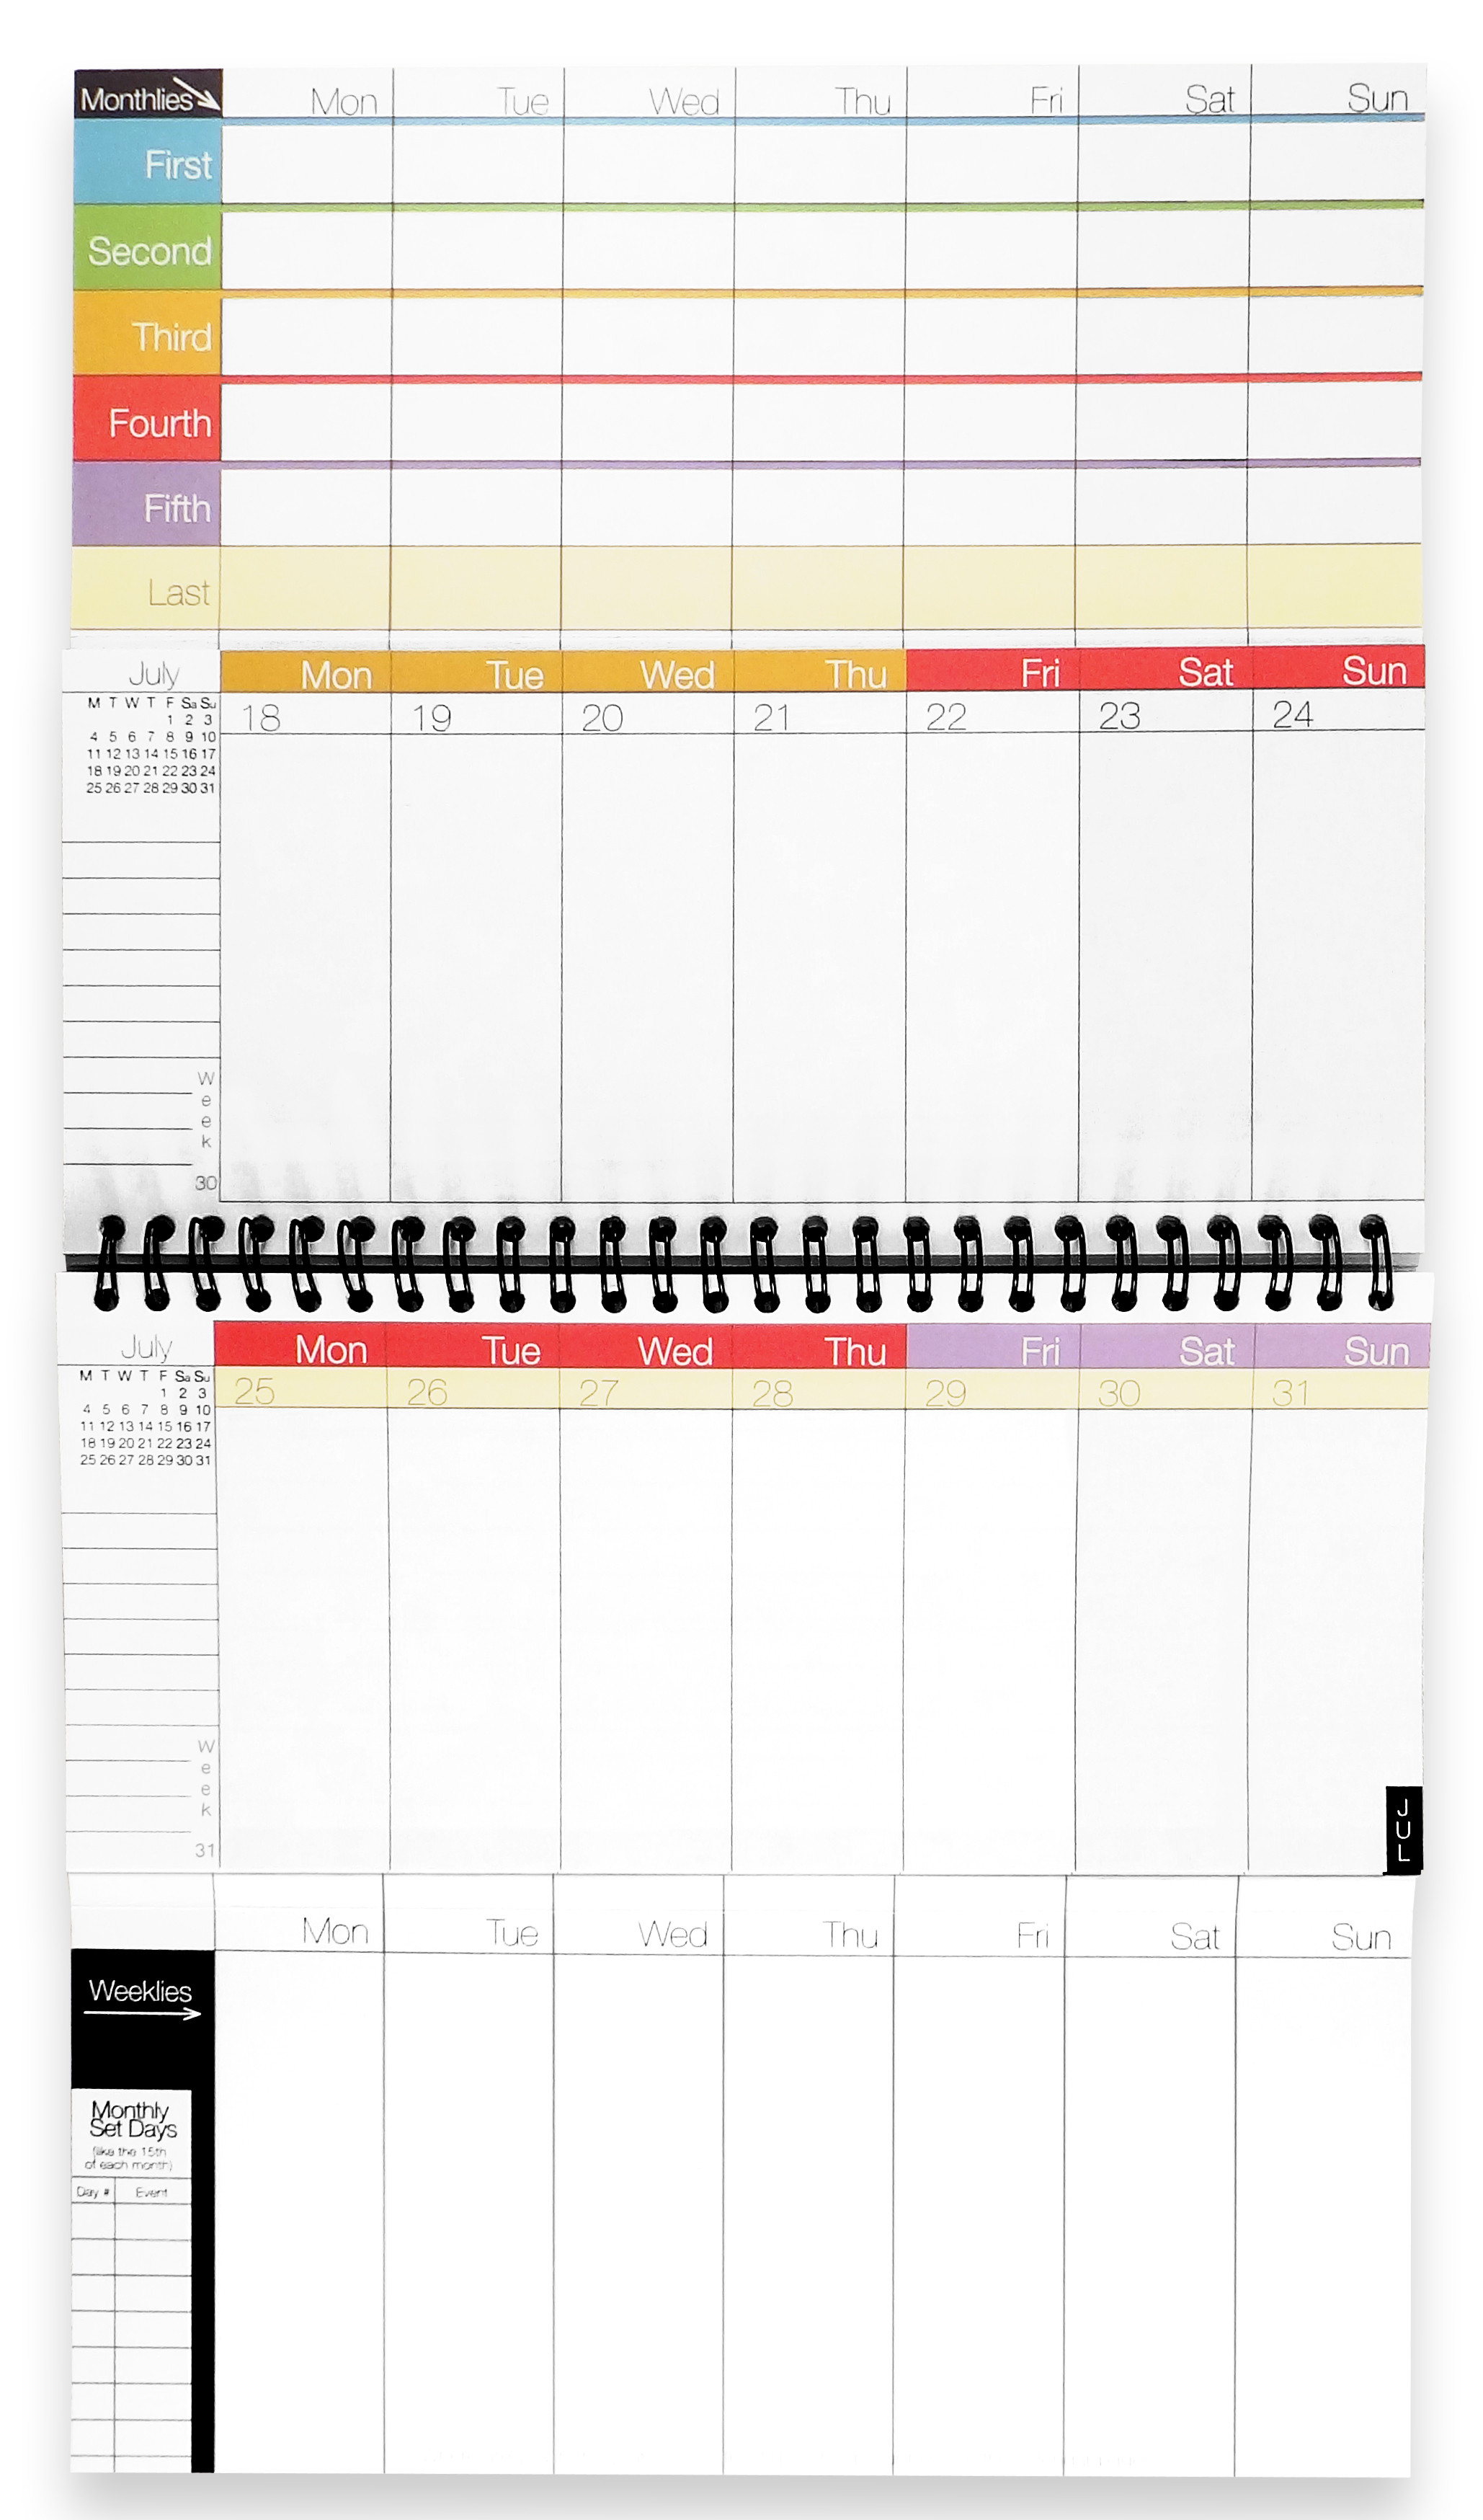 Best Organizer Planner  WeekDate Best Paper Calendar Weekly Planner Organizer